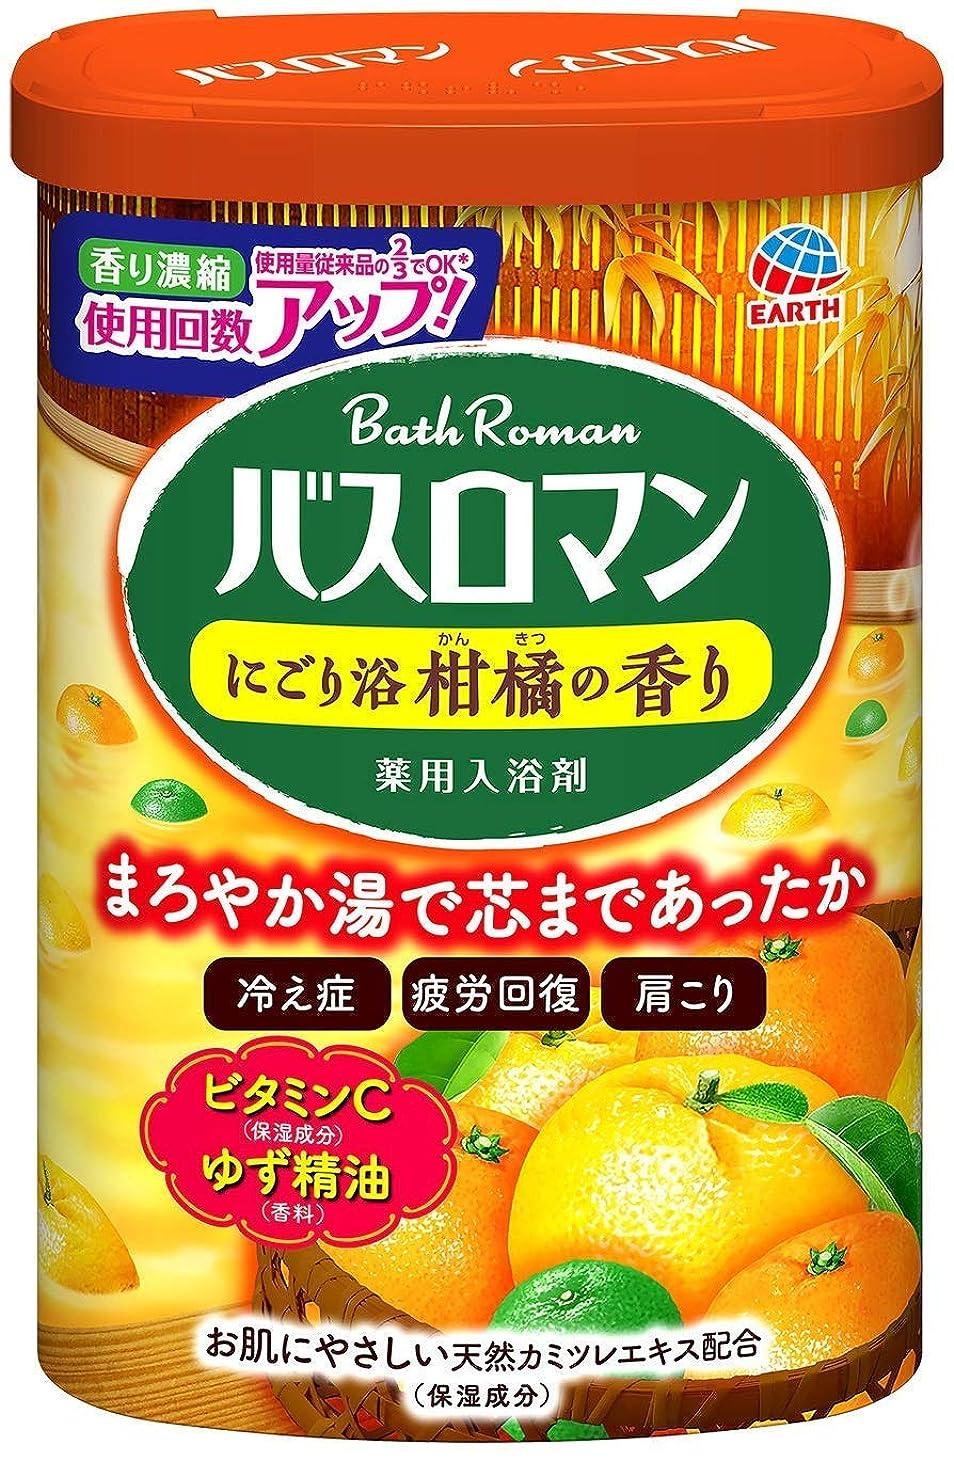 デザート命令売上高【医薬部外品】 アース製薬 バスロマン 入浴剤 にごり浴 柑橘の香り 600g